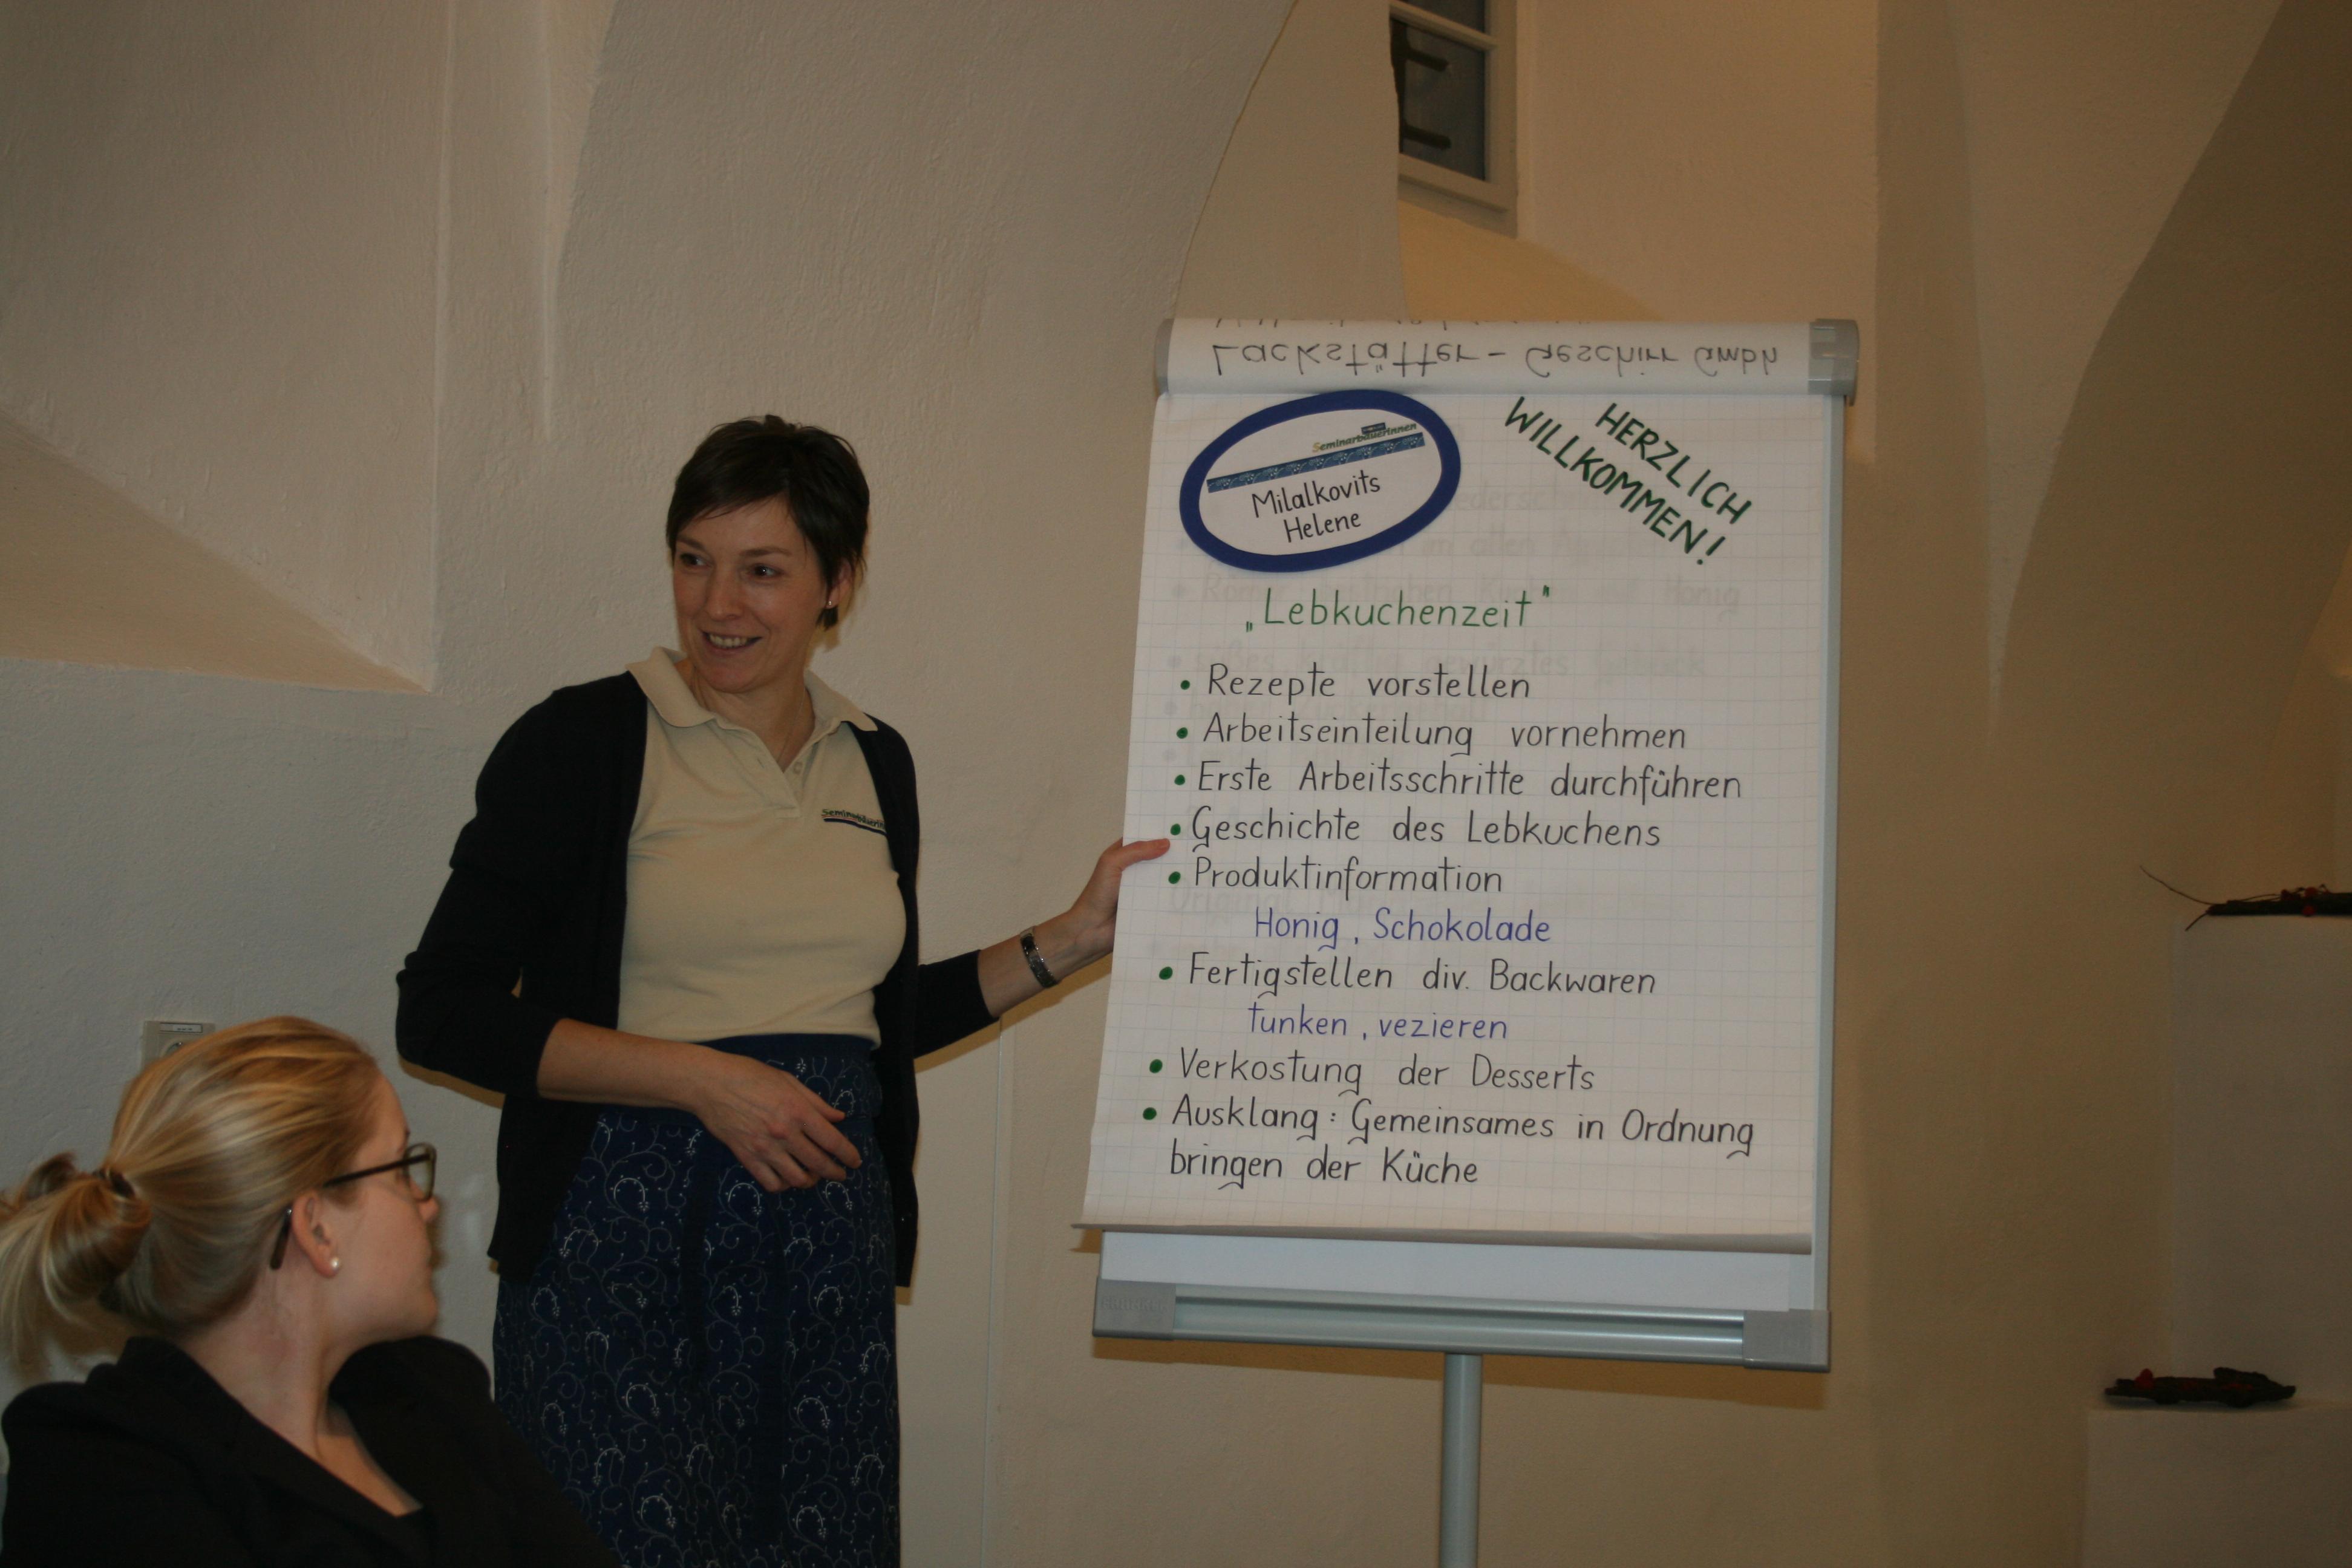 Seminarbäuerin Helene Milalkovits erklärt den Kurs Foto © Kerstin Kranzler